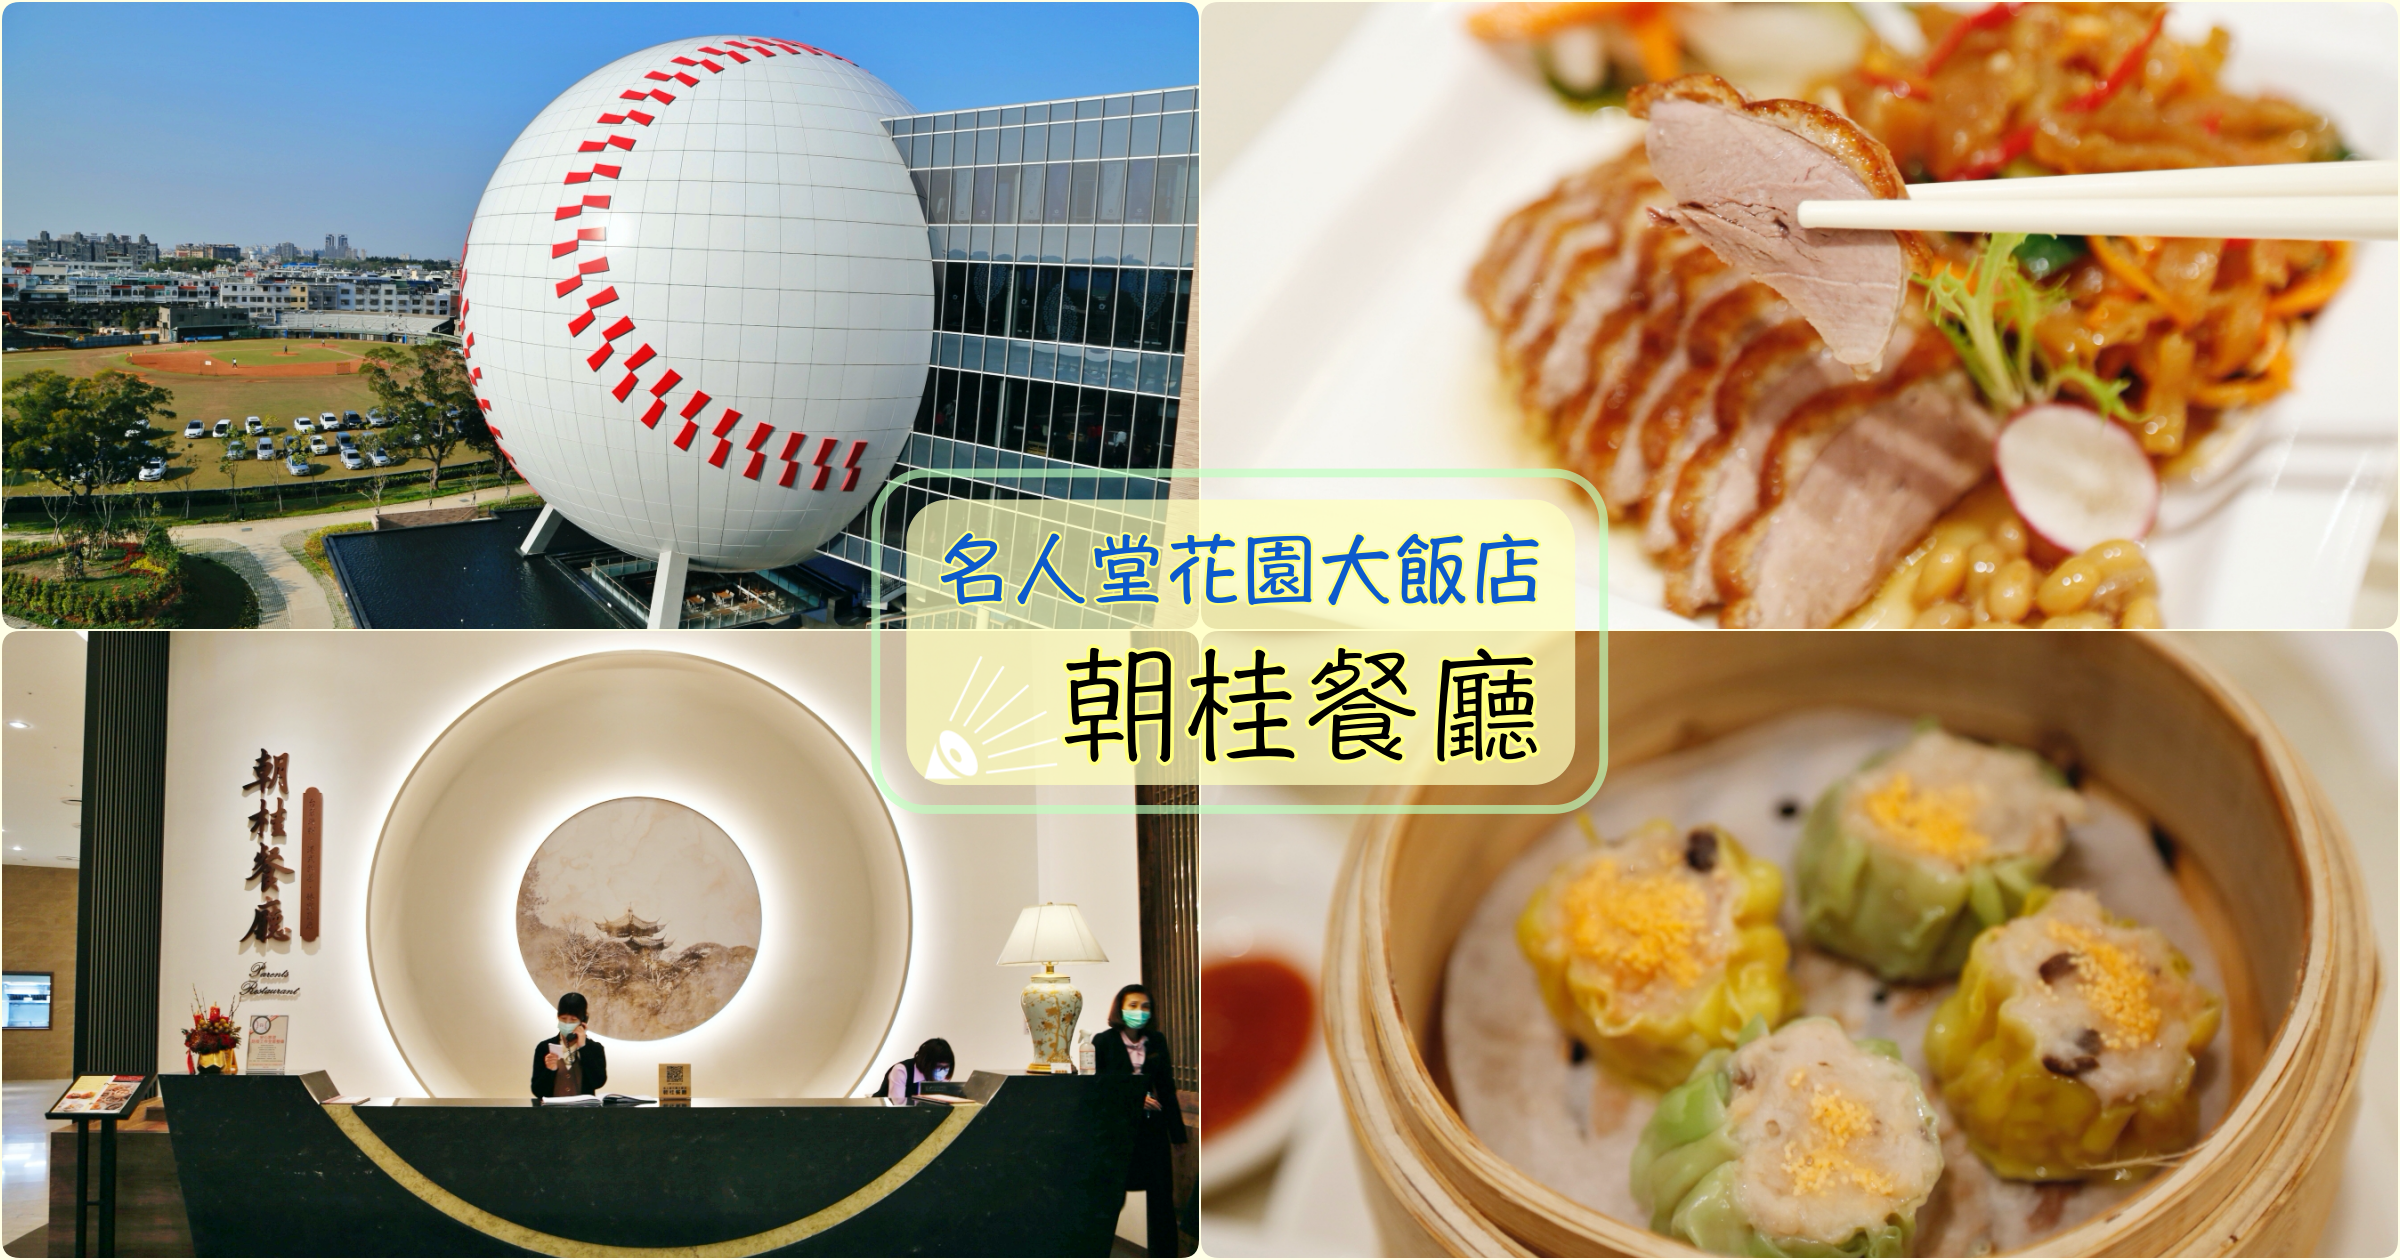 最新推播訊息:[龍潭美食]朝桂台菜港點餐廳|名人堂花園大飯店內~參觀棒球名人堂也能悠閒享用美味餐點